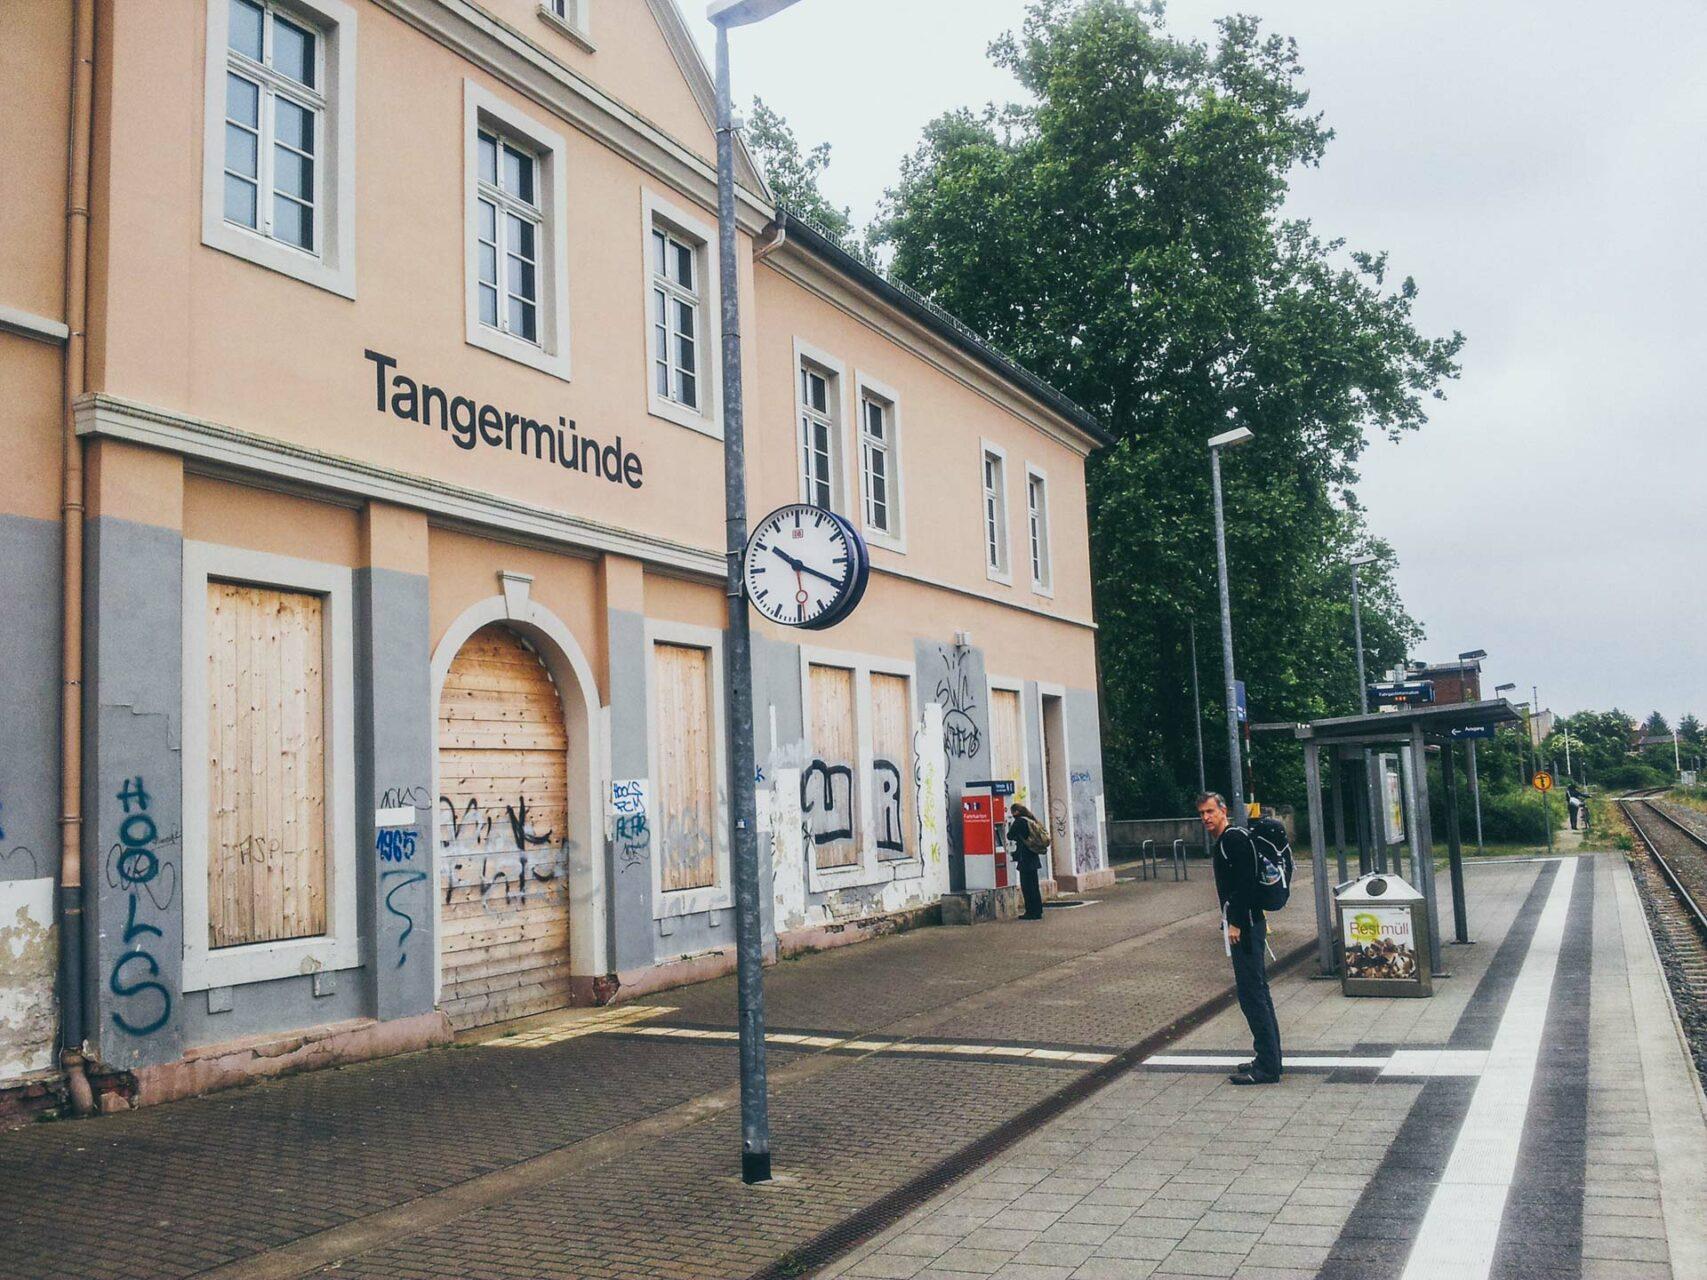 So sieht das einstige Tor zur Welt heute aus: der Bahnhof von Tangermünde. Kurz davor, nur noch Ruine zu sein.